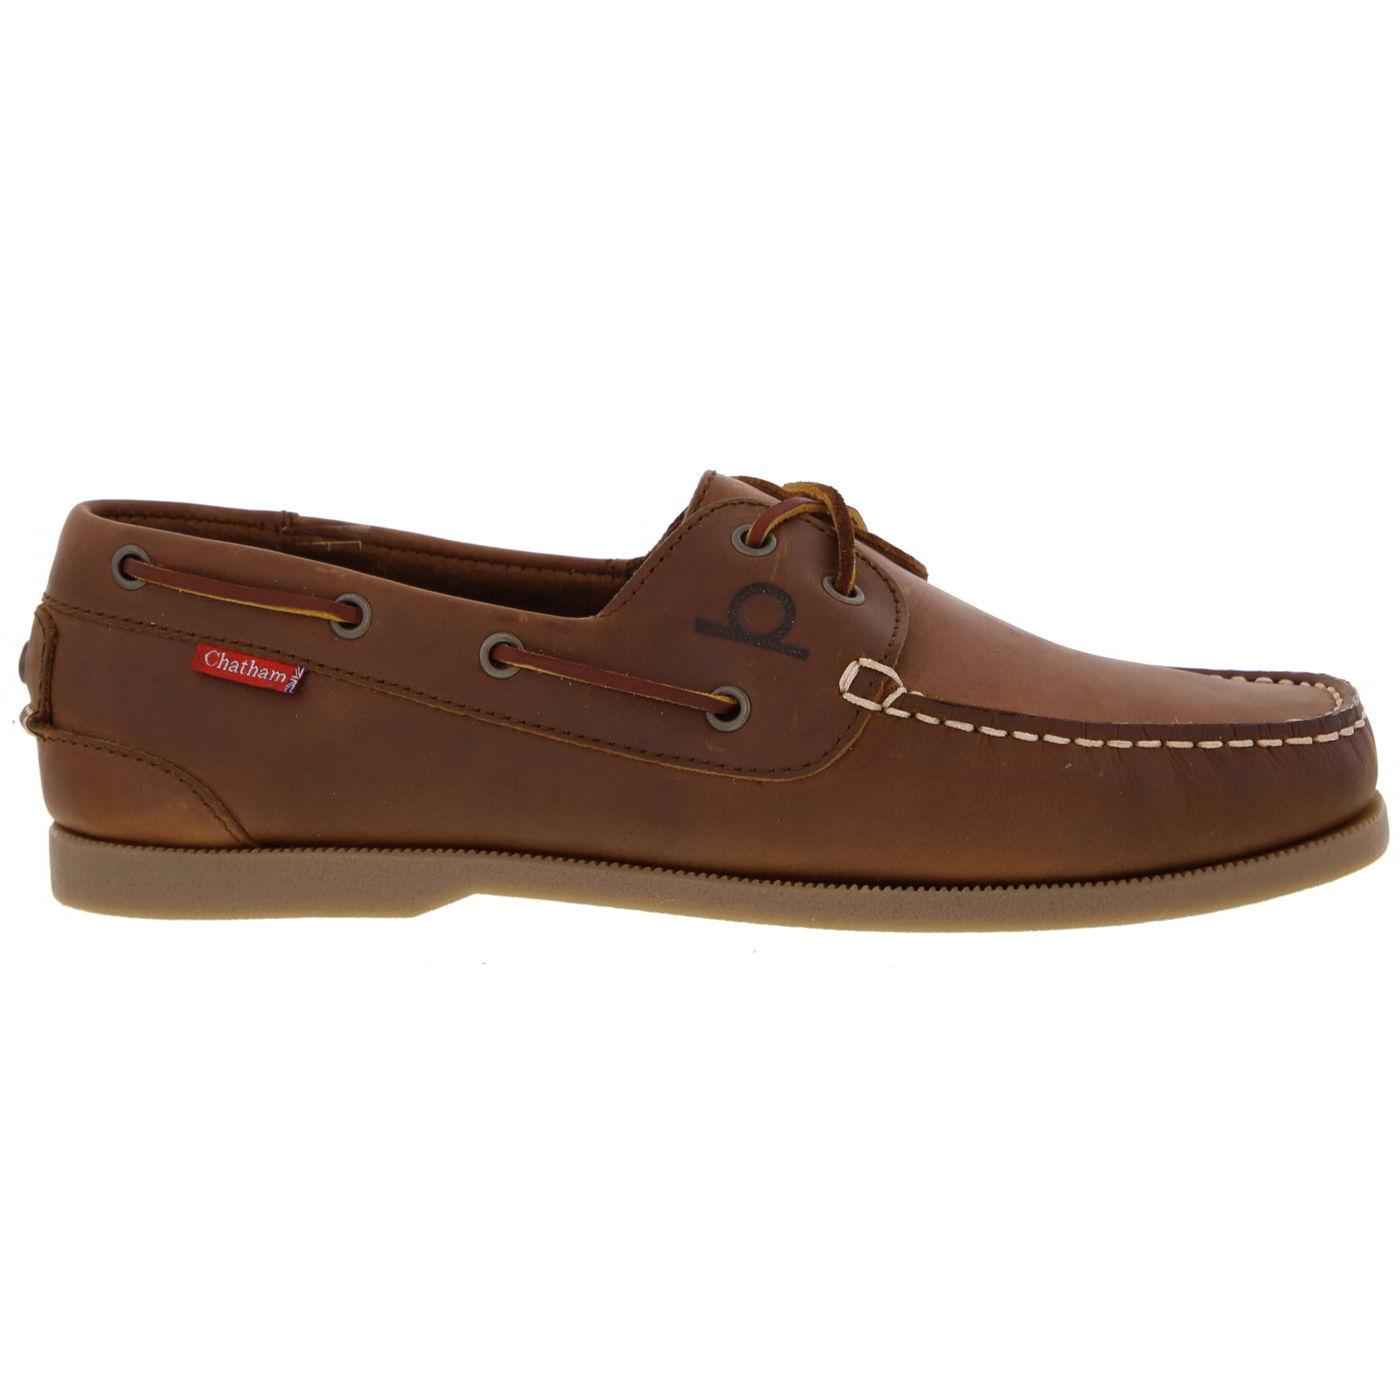 Chatham Mens Galley II  Sailing Boat Deck Shoes - Dark Tan